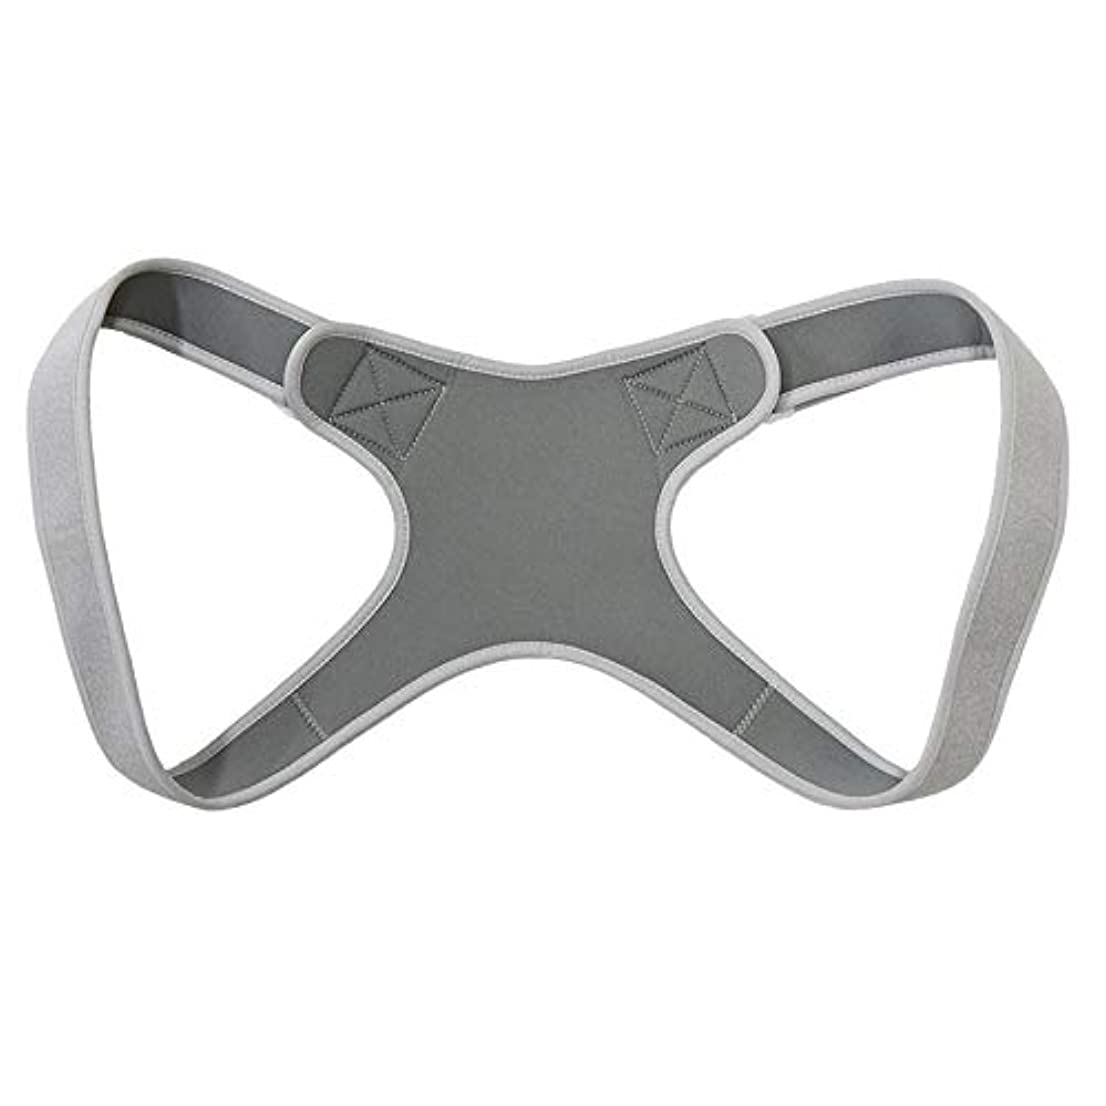 干ばつ実際にとげのある新しいアッパーバックポスチャーコレクター姿勢鎖骨サポートコレクターバックストレートショルダーブレースストラップコレクター - グレー